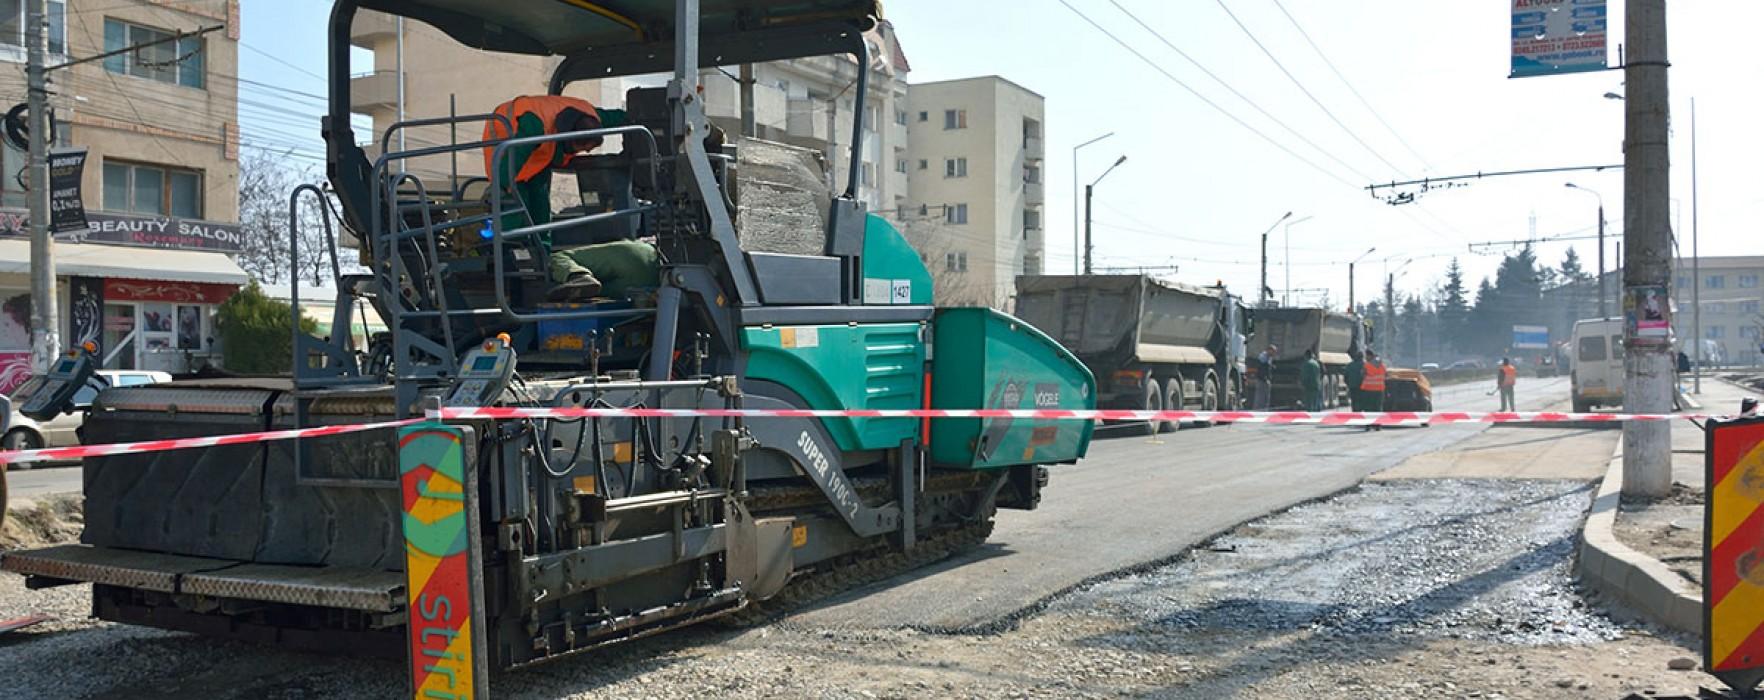 Târgovişte: Lucrări pe Bdul. Unirii; primăria recomandă evitarea zonei